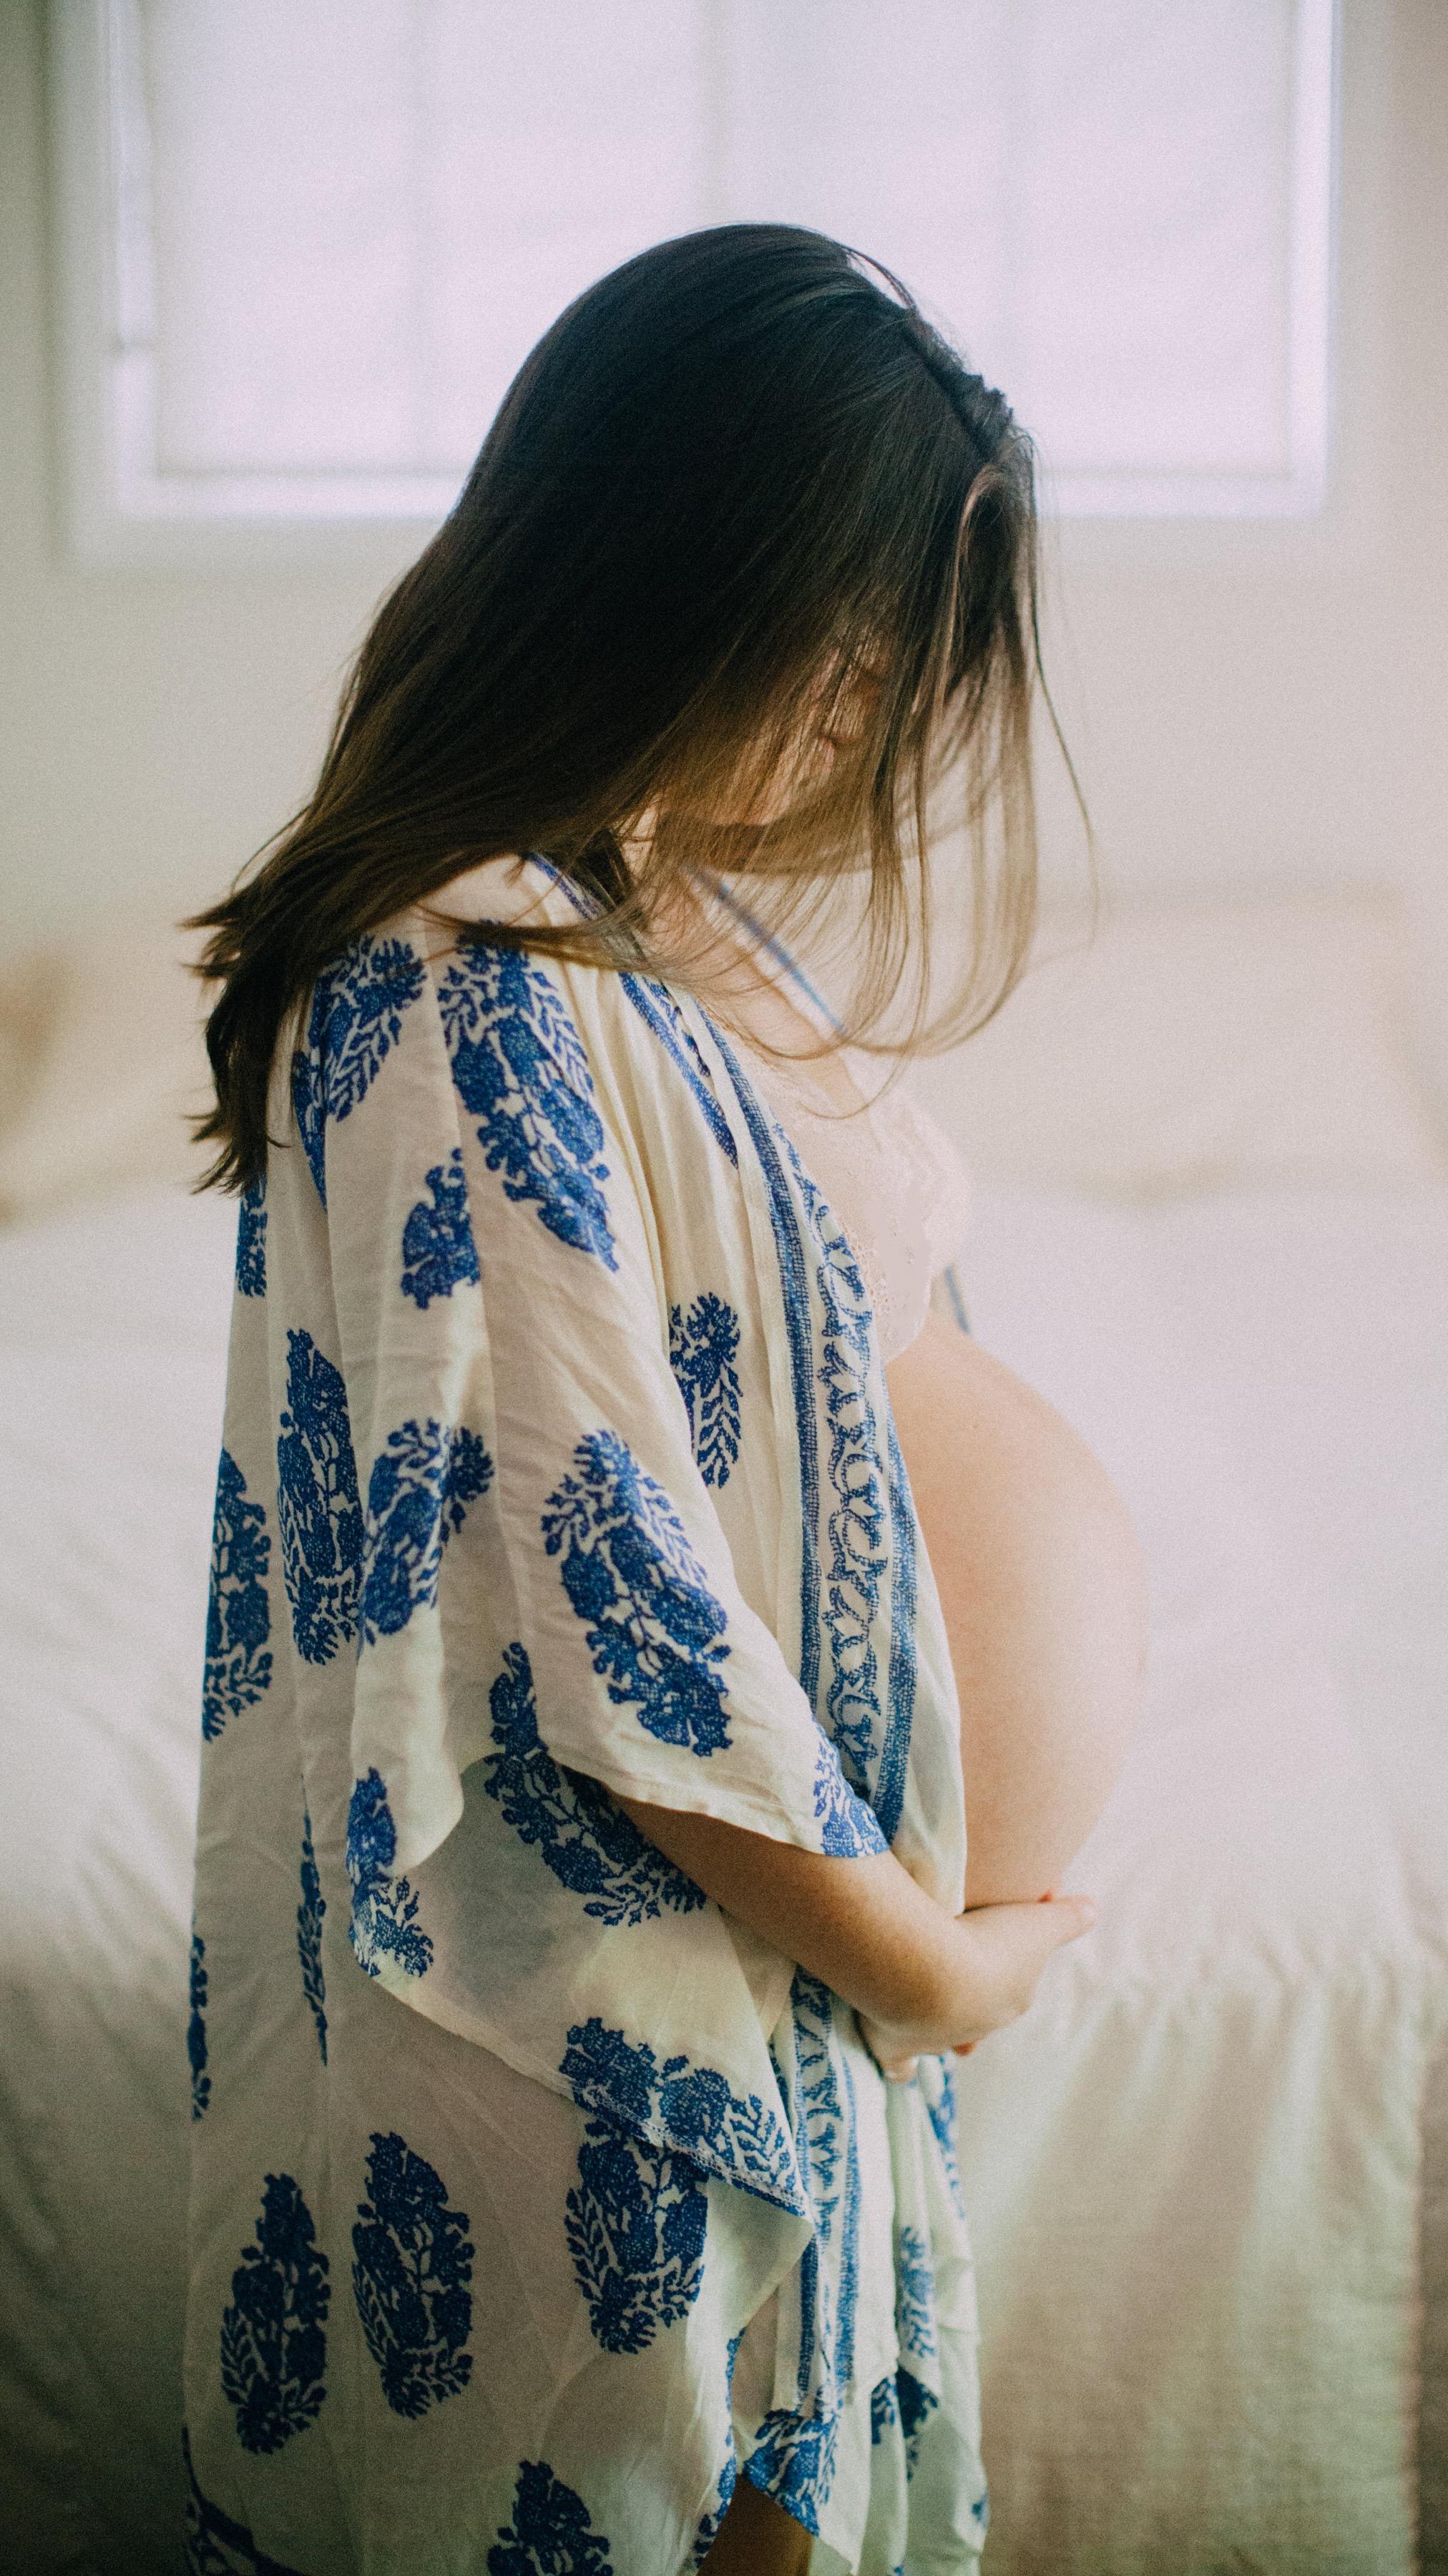 Photo by http://jess-roy.com/